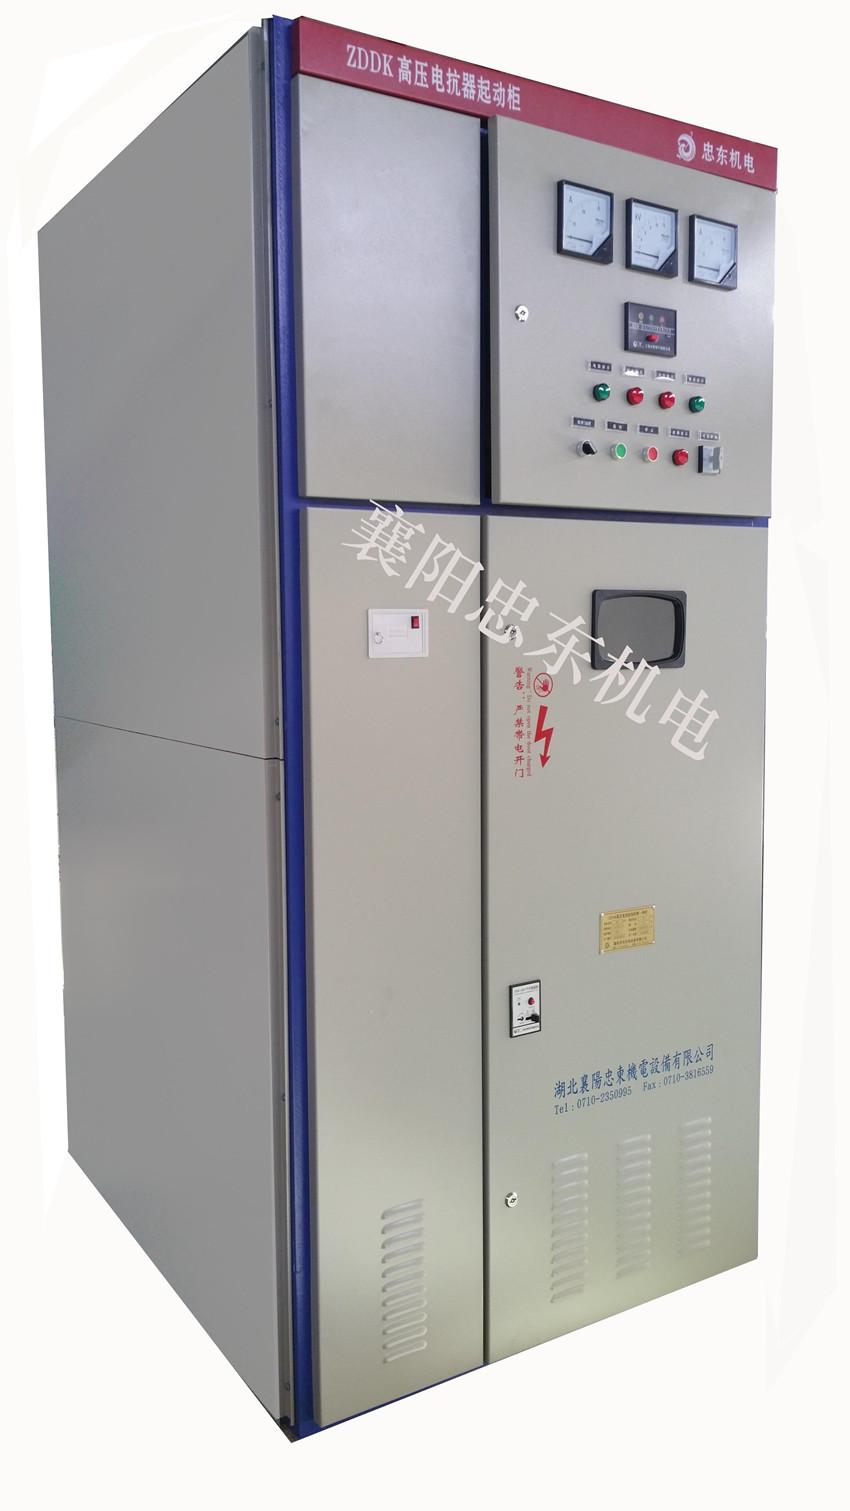 ZDDK高压电抗器起动柜